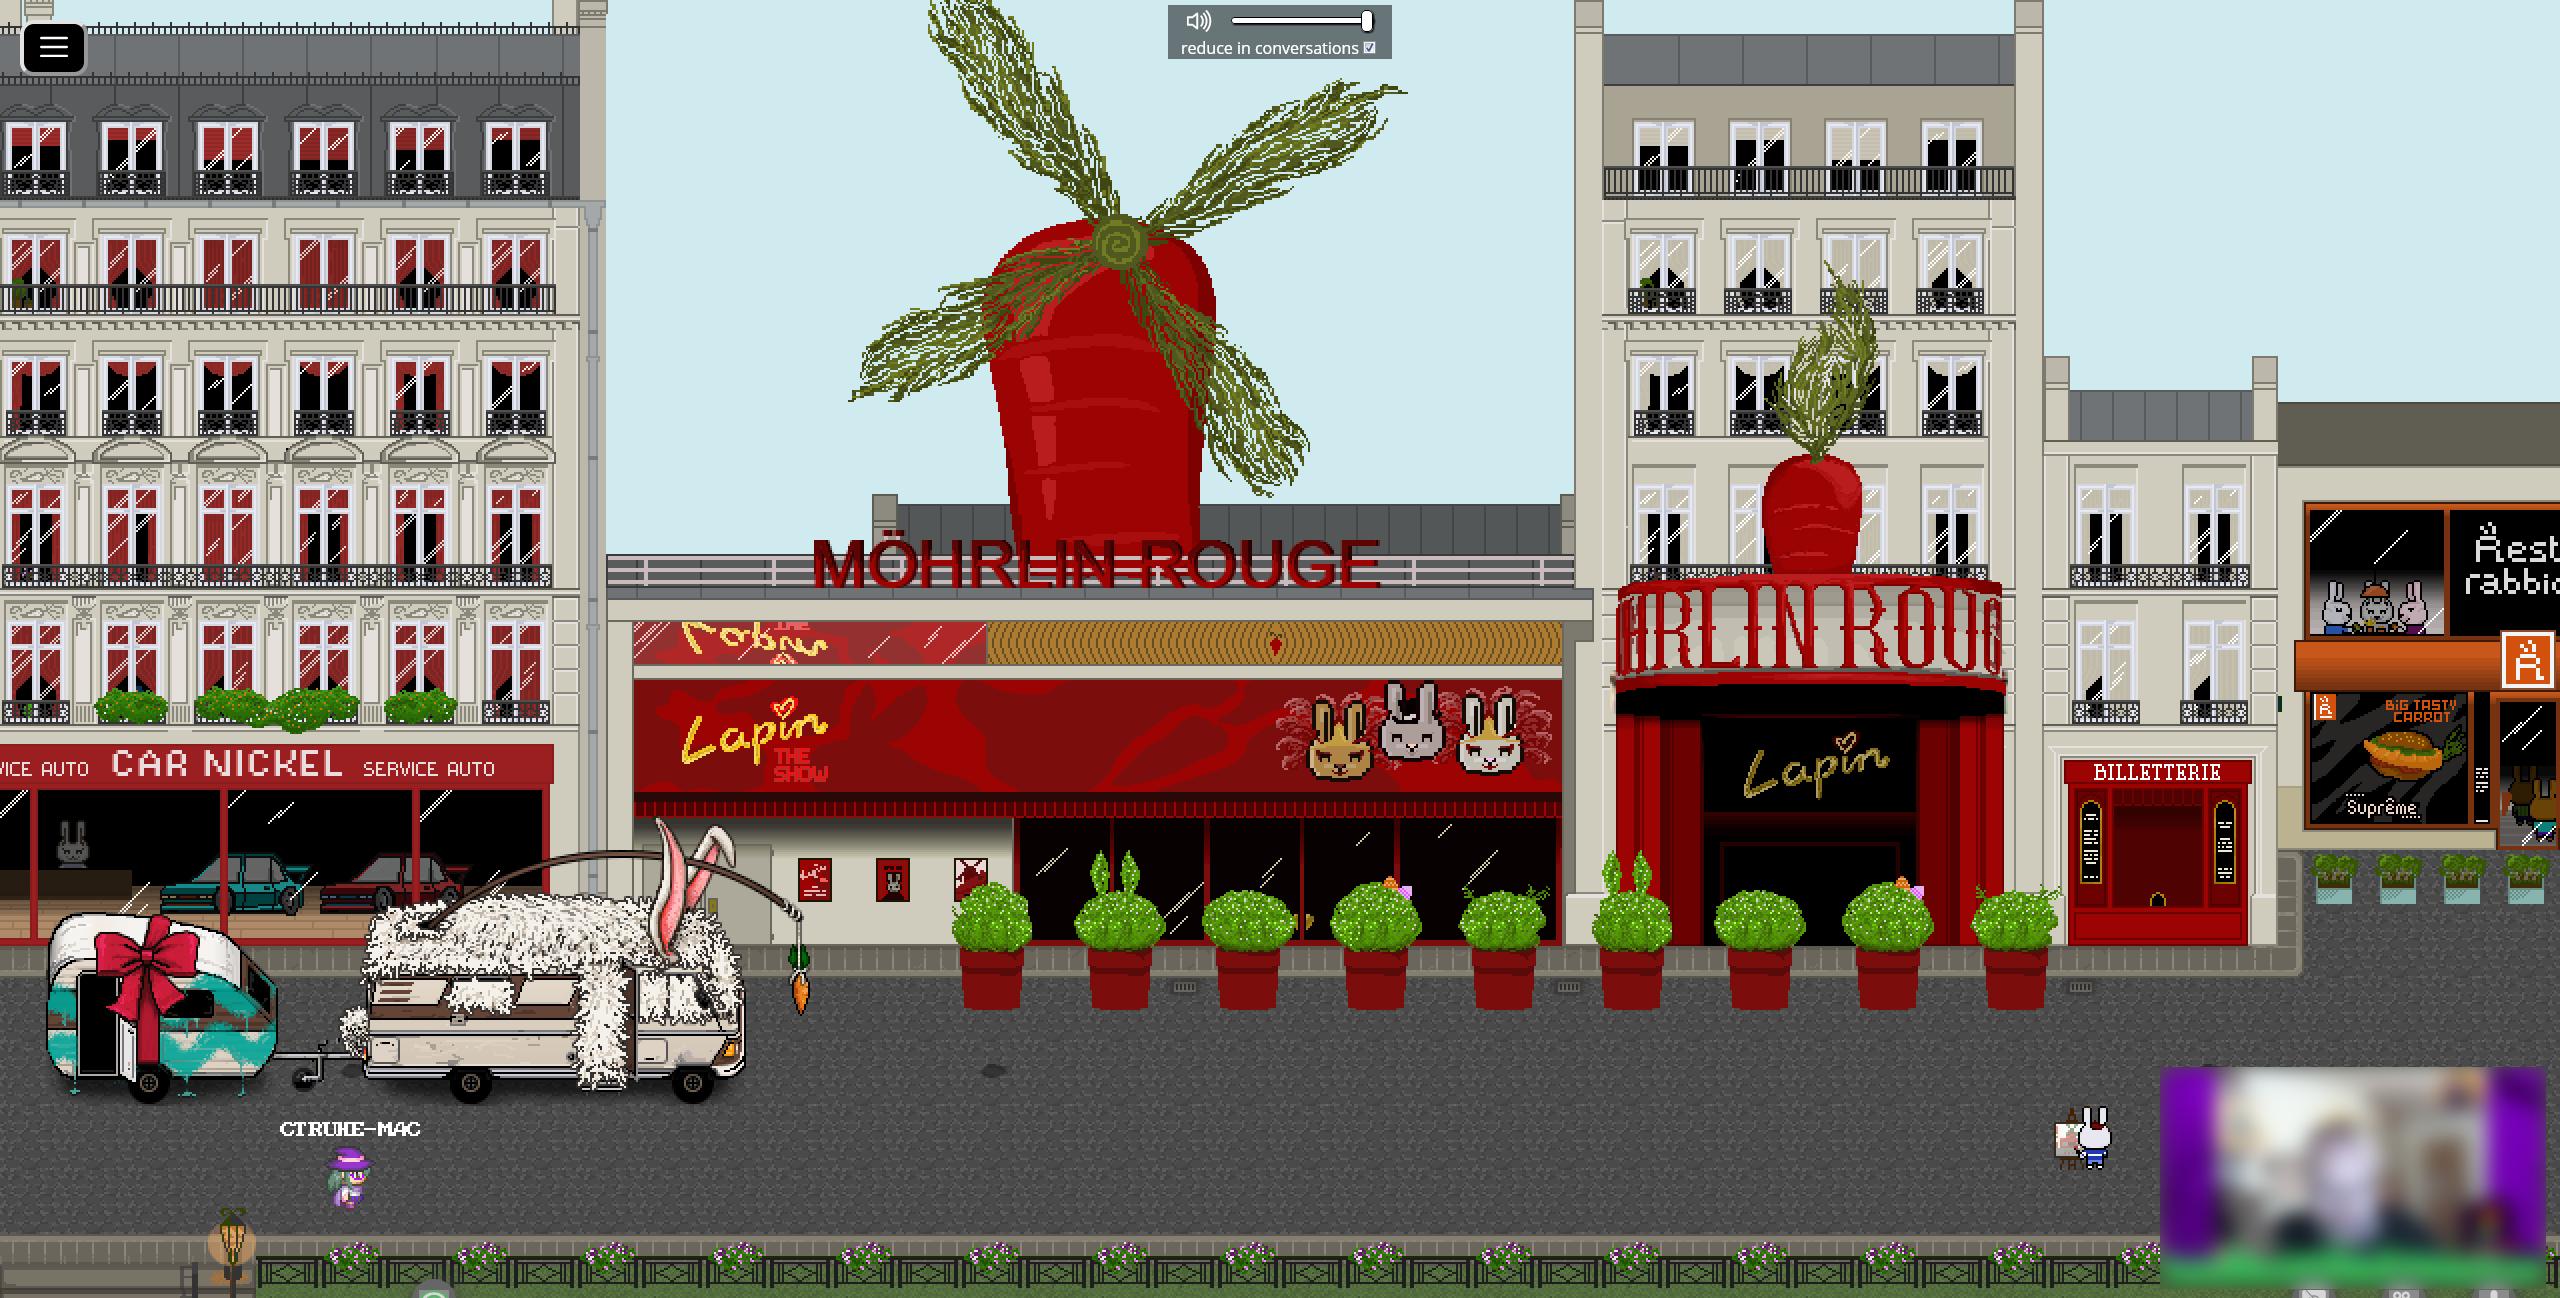 """Screenshot einer Straße mit Häuserfronten im französischen Stil. U. a. ist ein Autogeschäft des Namens """"Car Nickel"""" zu sehen, vor dem ein Wohnmobil-Wohnwagen-Gespann stehen. Das Wohnmobil ist mit weißem Fell überzogen, besitzt Hasenohren und eine Karotte an einer Angel baumelt vor dem Führerhaus. Zentral im Bild befindet sich das Varieté """"Möhrlin Rouge"""" als Hommage an das """"Moulin Rouge"""". Statt der Windmühle befindet sich auf dem Dach aber eine riesige Karotte mit vier Windmühlenflügeln aus Karottengrün."""